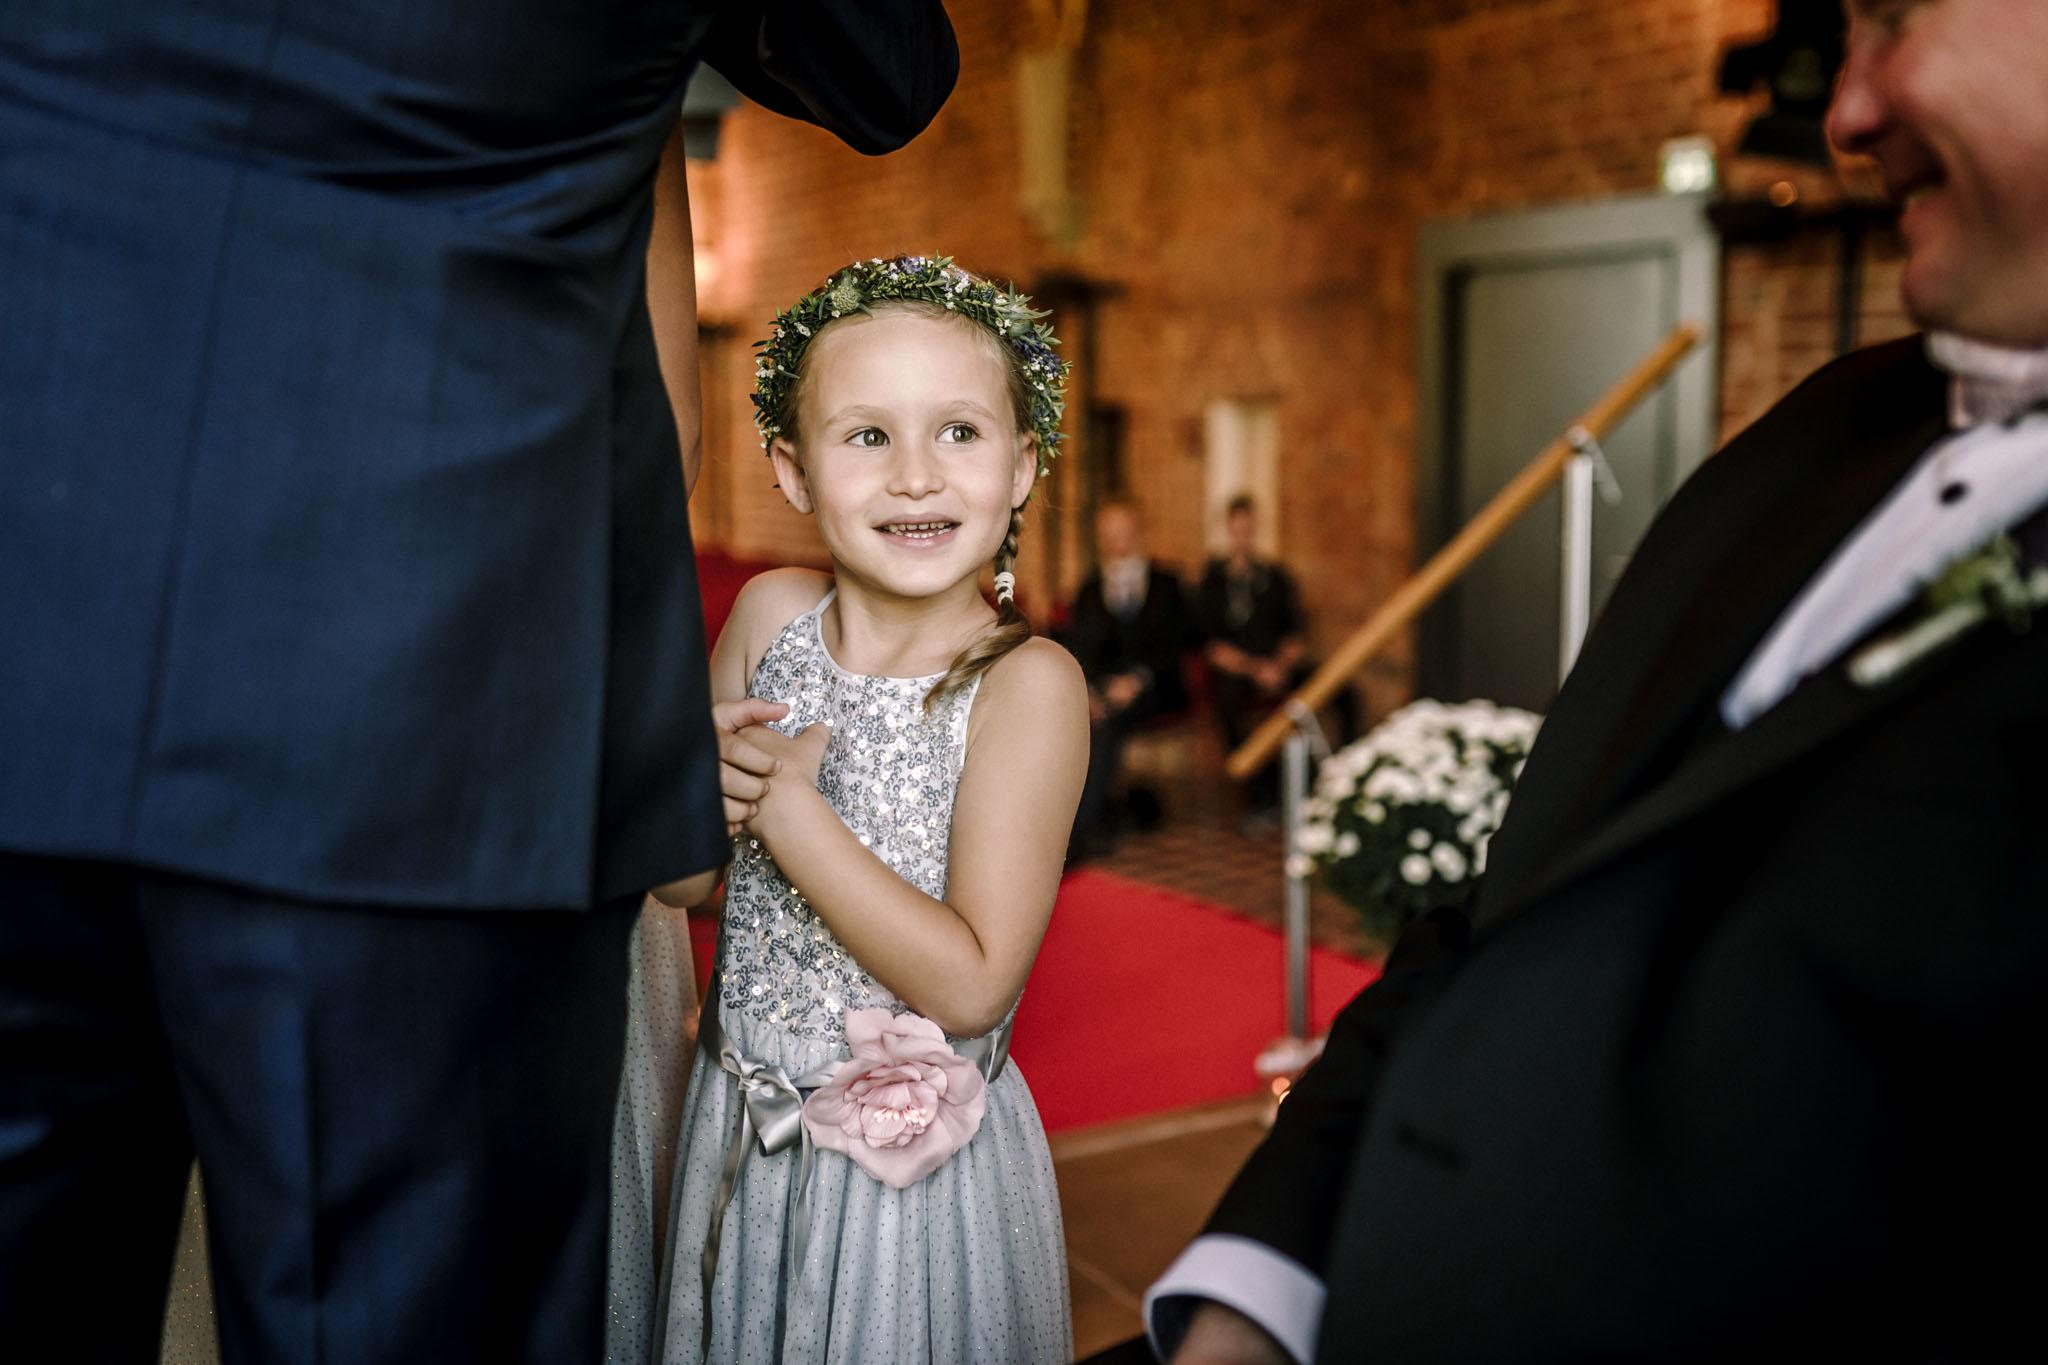 Hochzeitsfieber by Photo-Schomburg, Hochzeitsfotograf, Hamburg,Hochzeitstag, Hochzeitspaar, Braut, Bräutigam, Literaturhauscafe Zarrentin-46